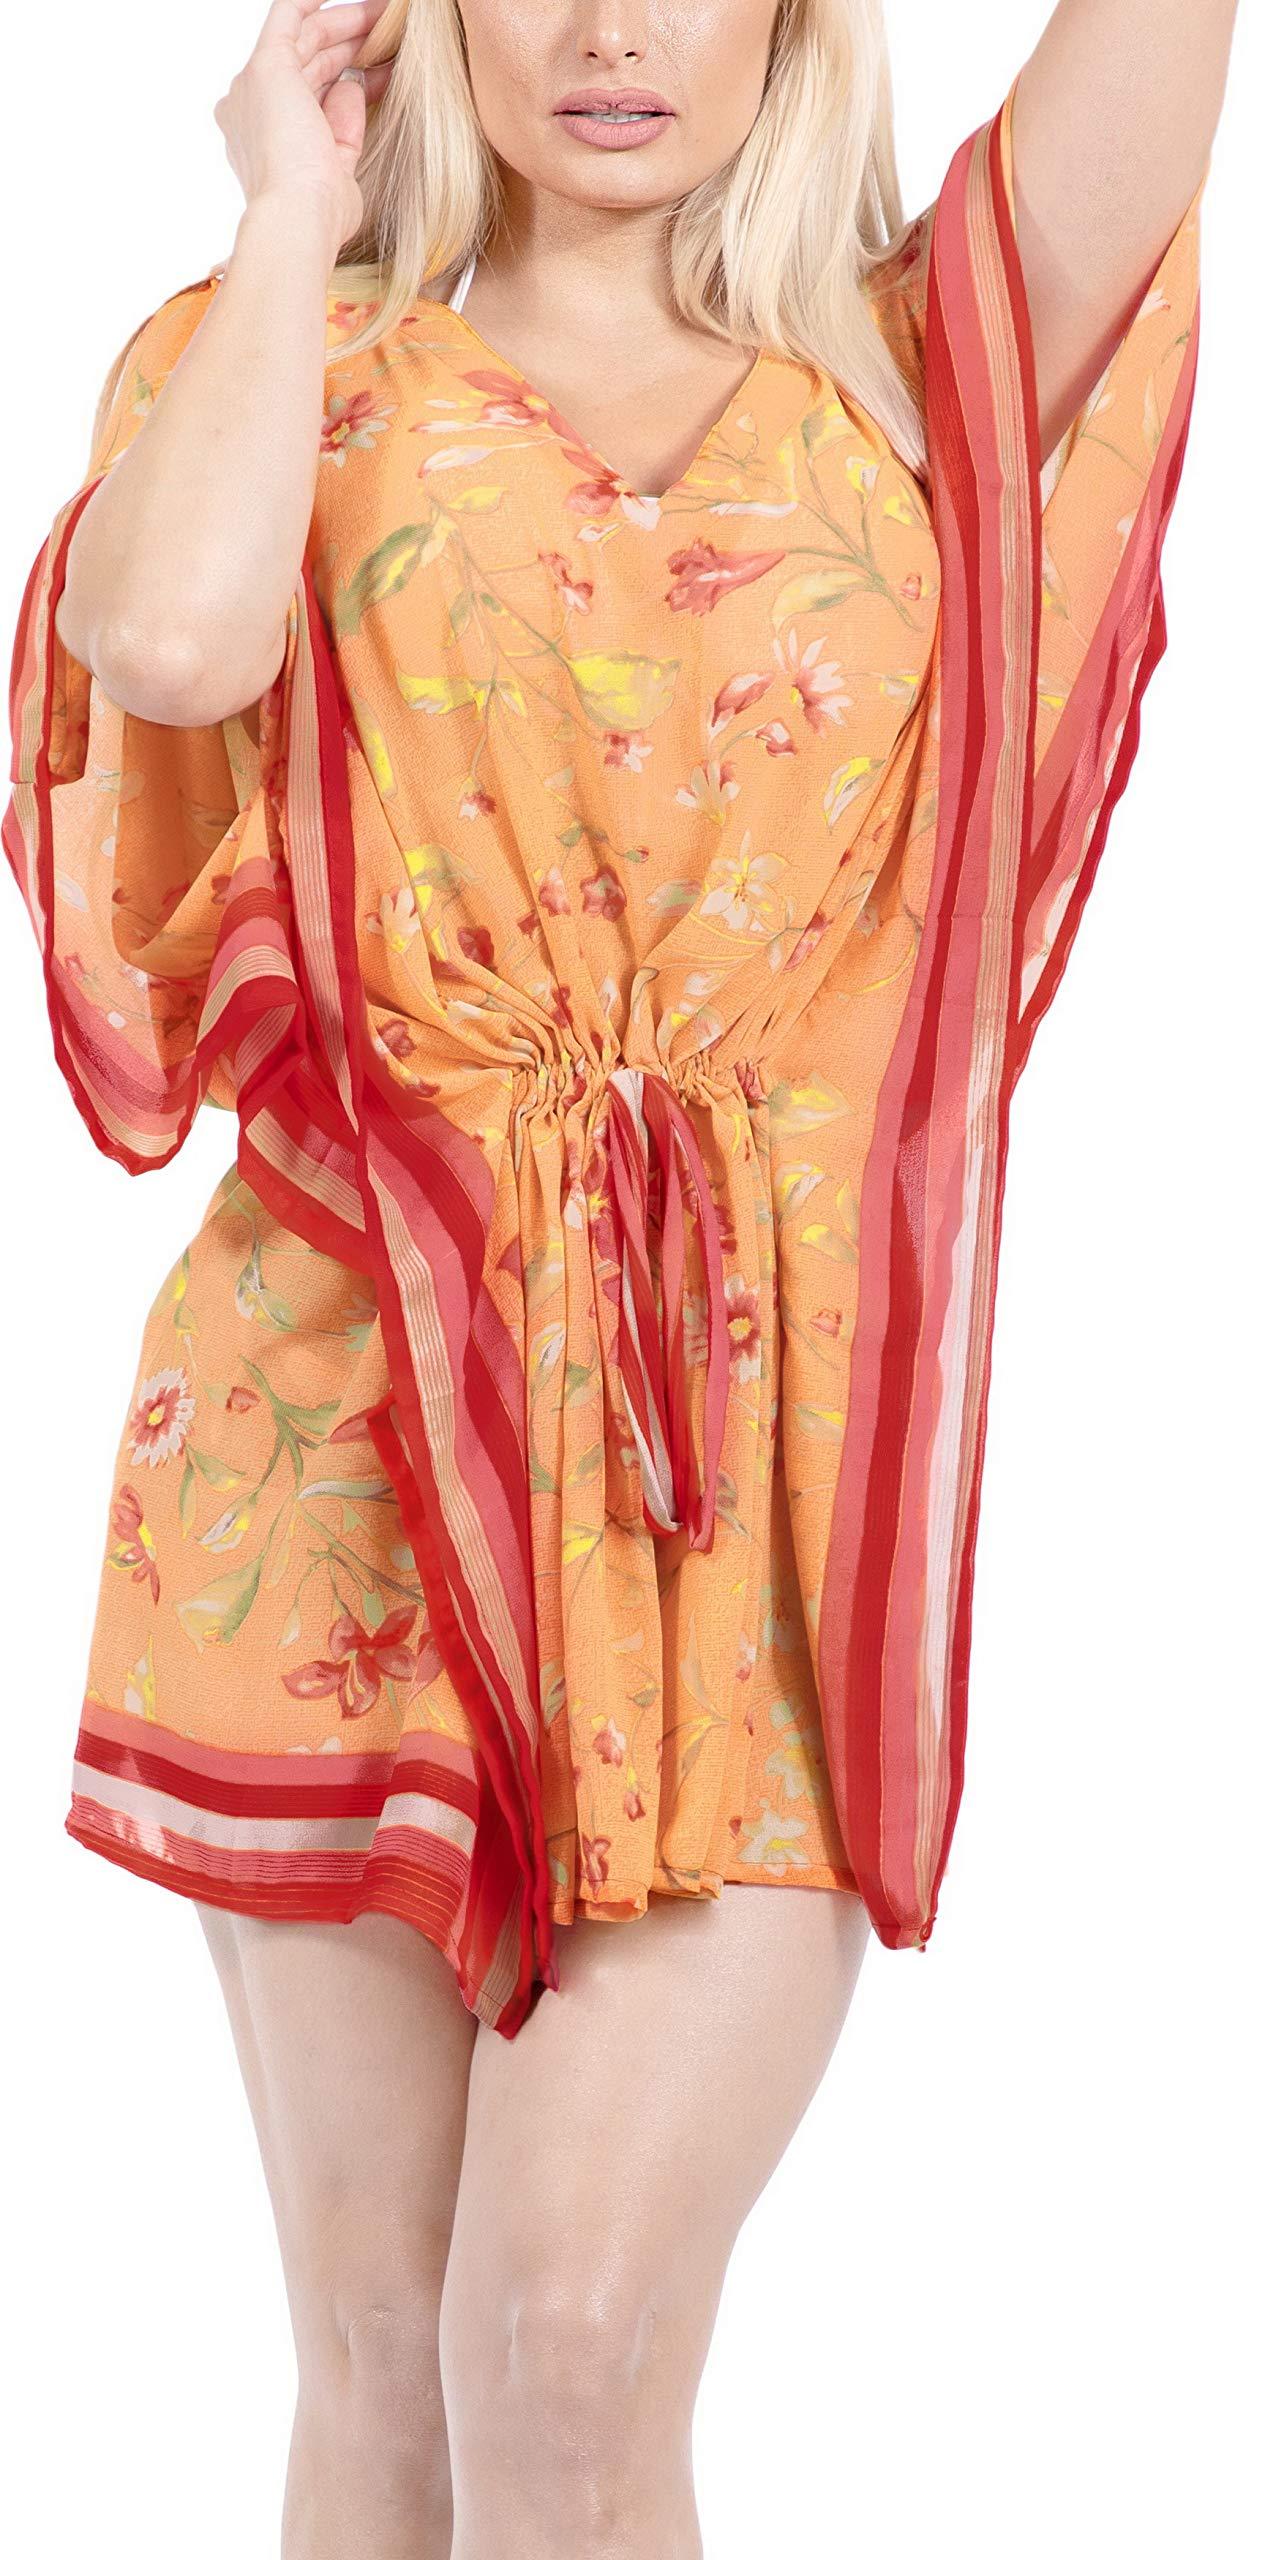 LA LEELA Abito Kimono Abbigliamento Casual Kaftano Top Costume da Bagno Cover up Spiaggia Estiva per Le Donne 1 spesavip